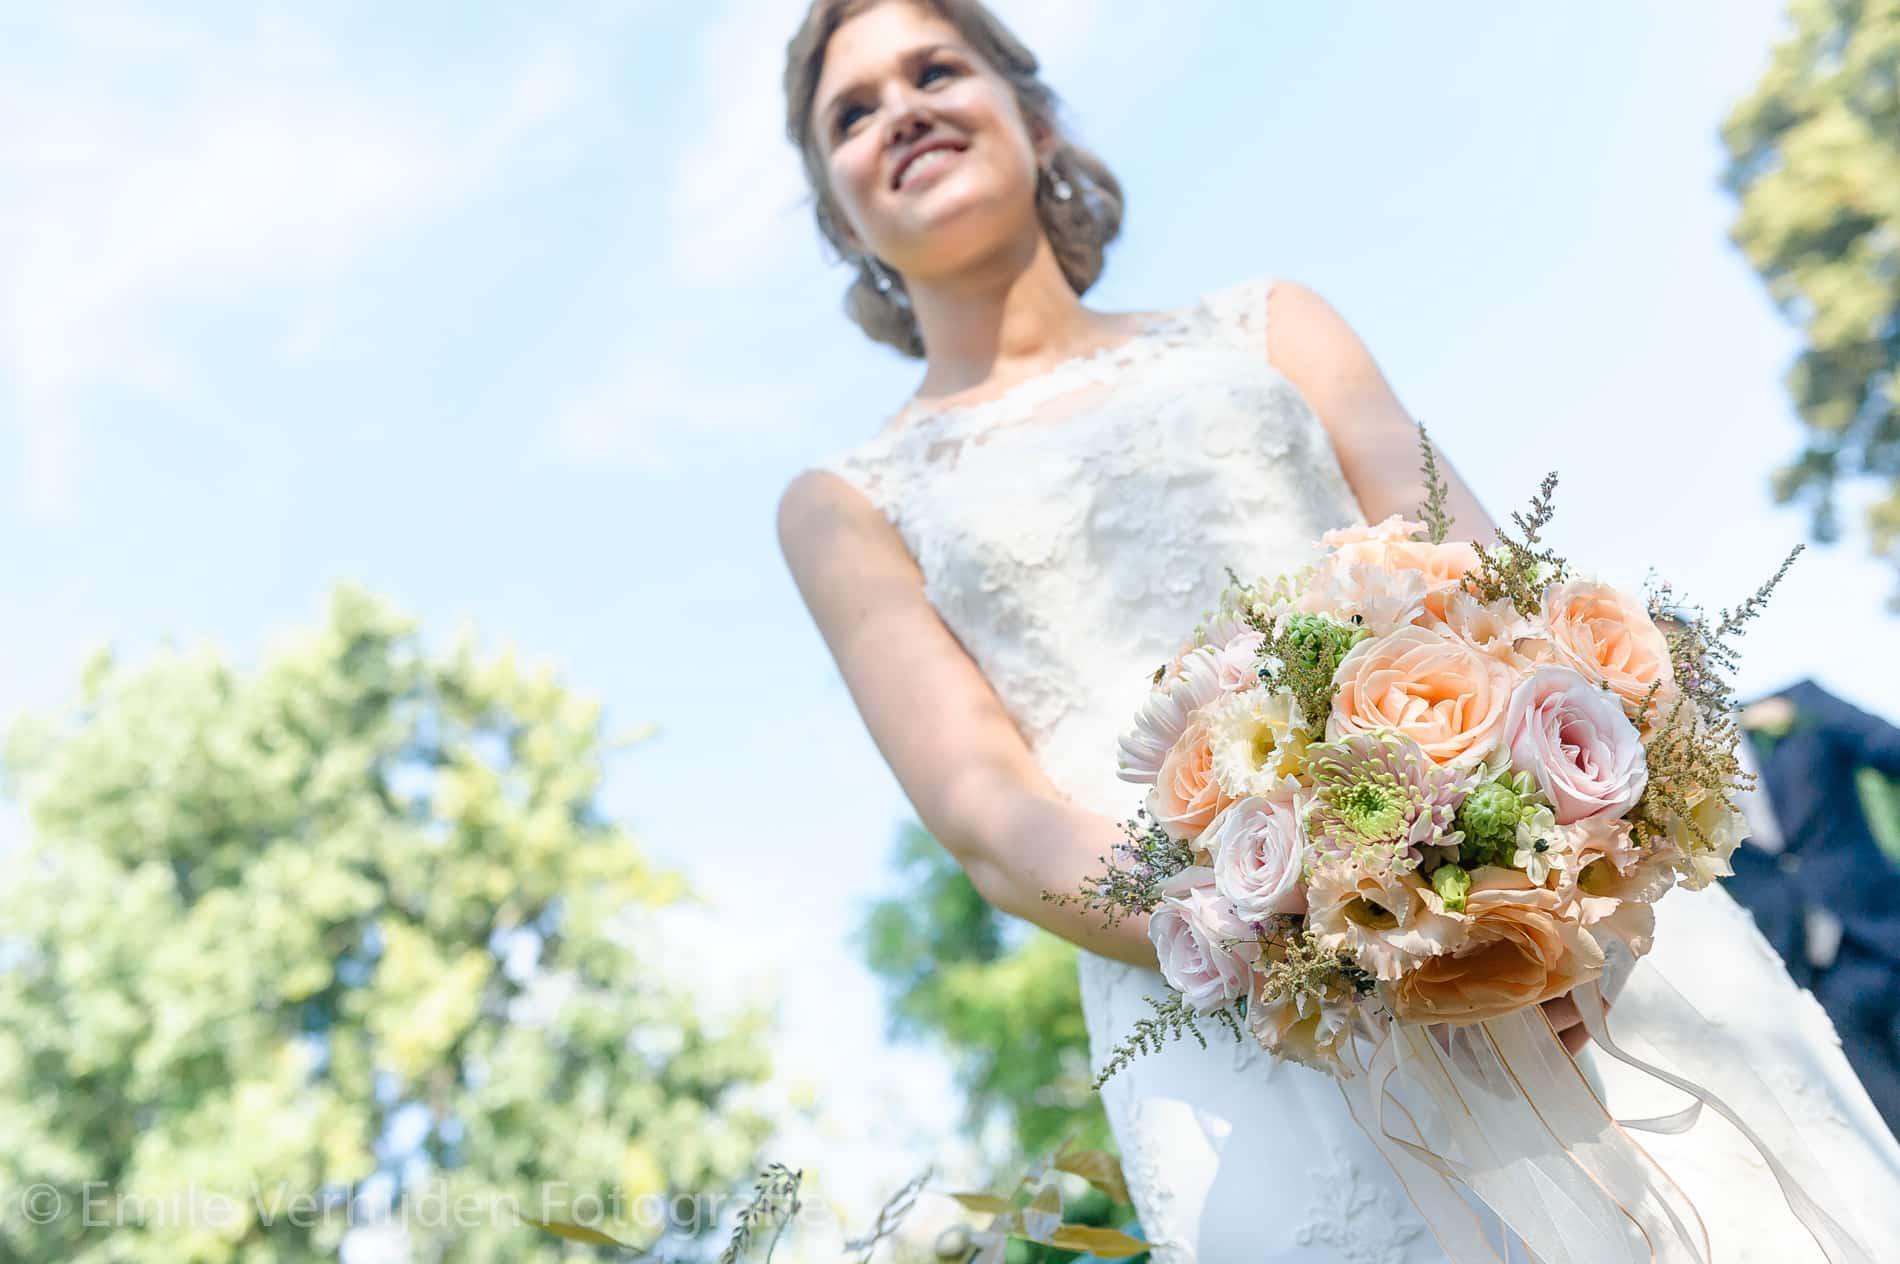 Bruid met boeket. Bruidsfotograaf Kasteel Groot Buggenum Grathem Limburg